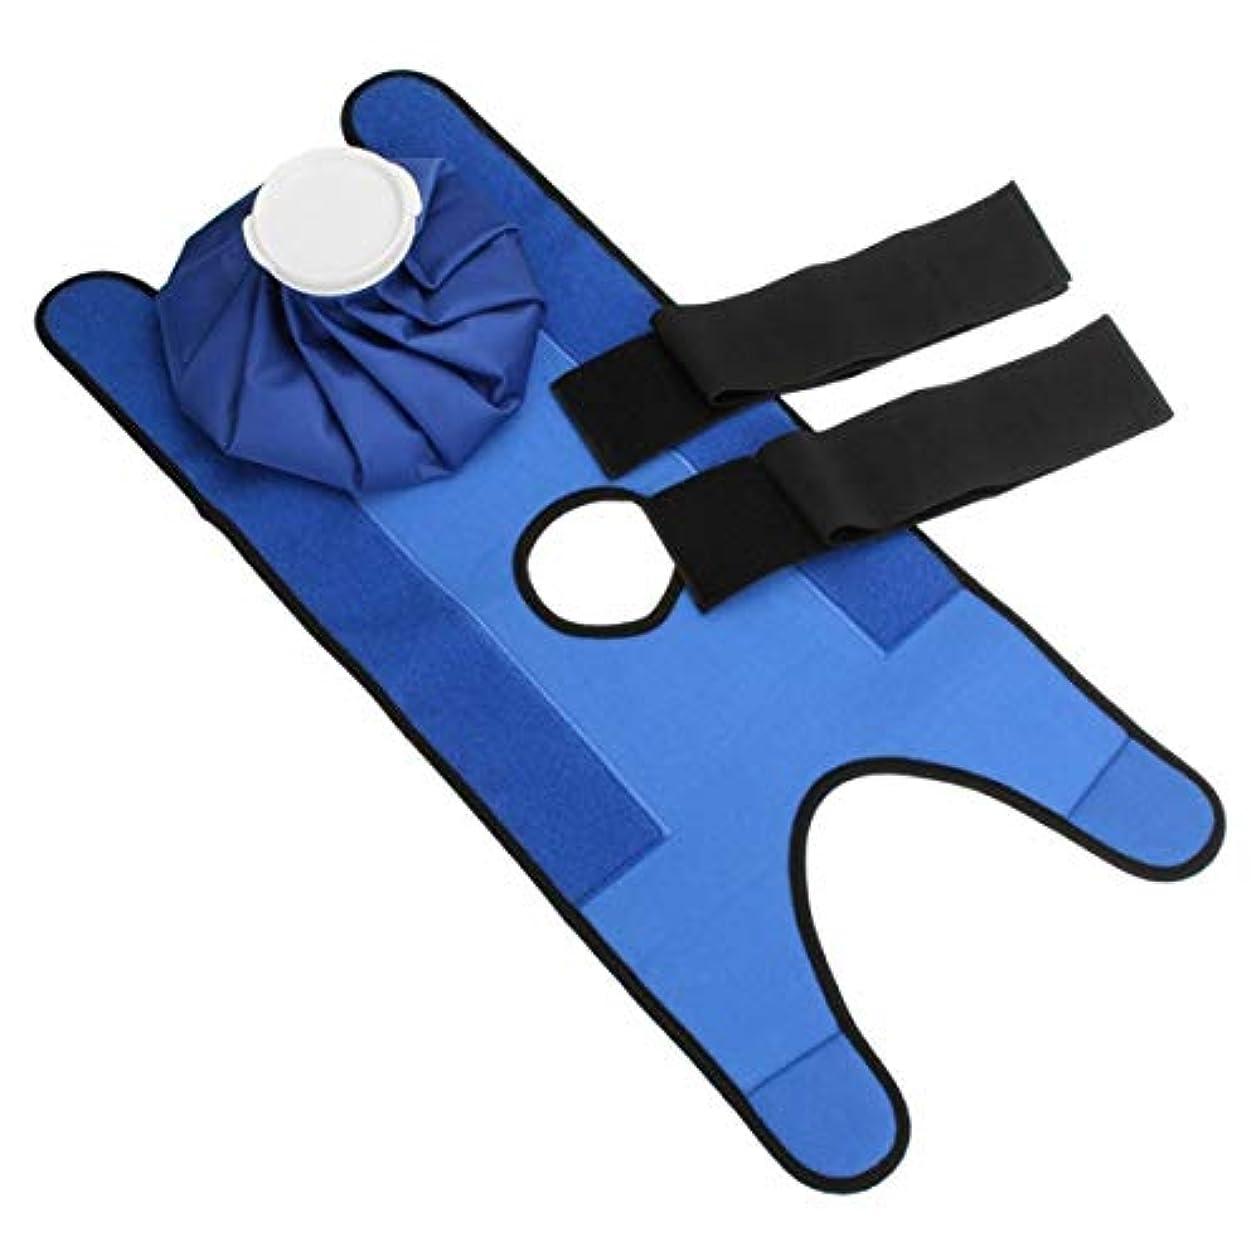 ホームレスオフェンス必需品Intercoreyコンパクトサイズ再利用可能ヘルスケア膝頭脚筋肉スポーツ傷害救済痛みアイスバッグ無毒アイスパック包帯付き